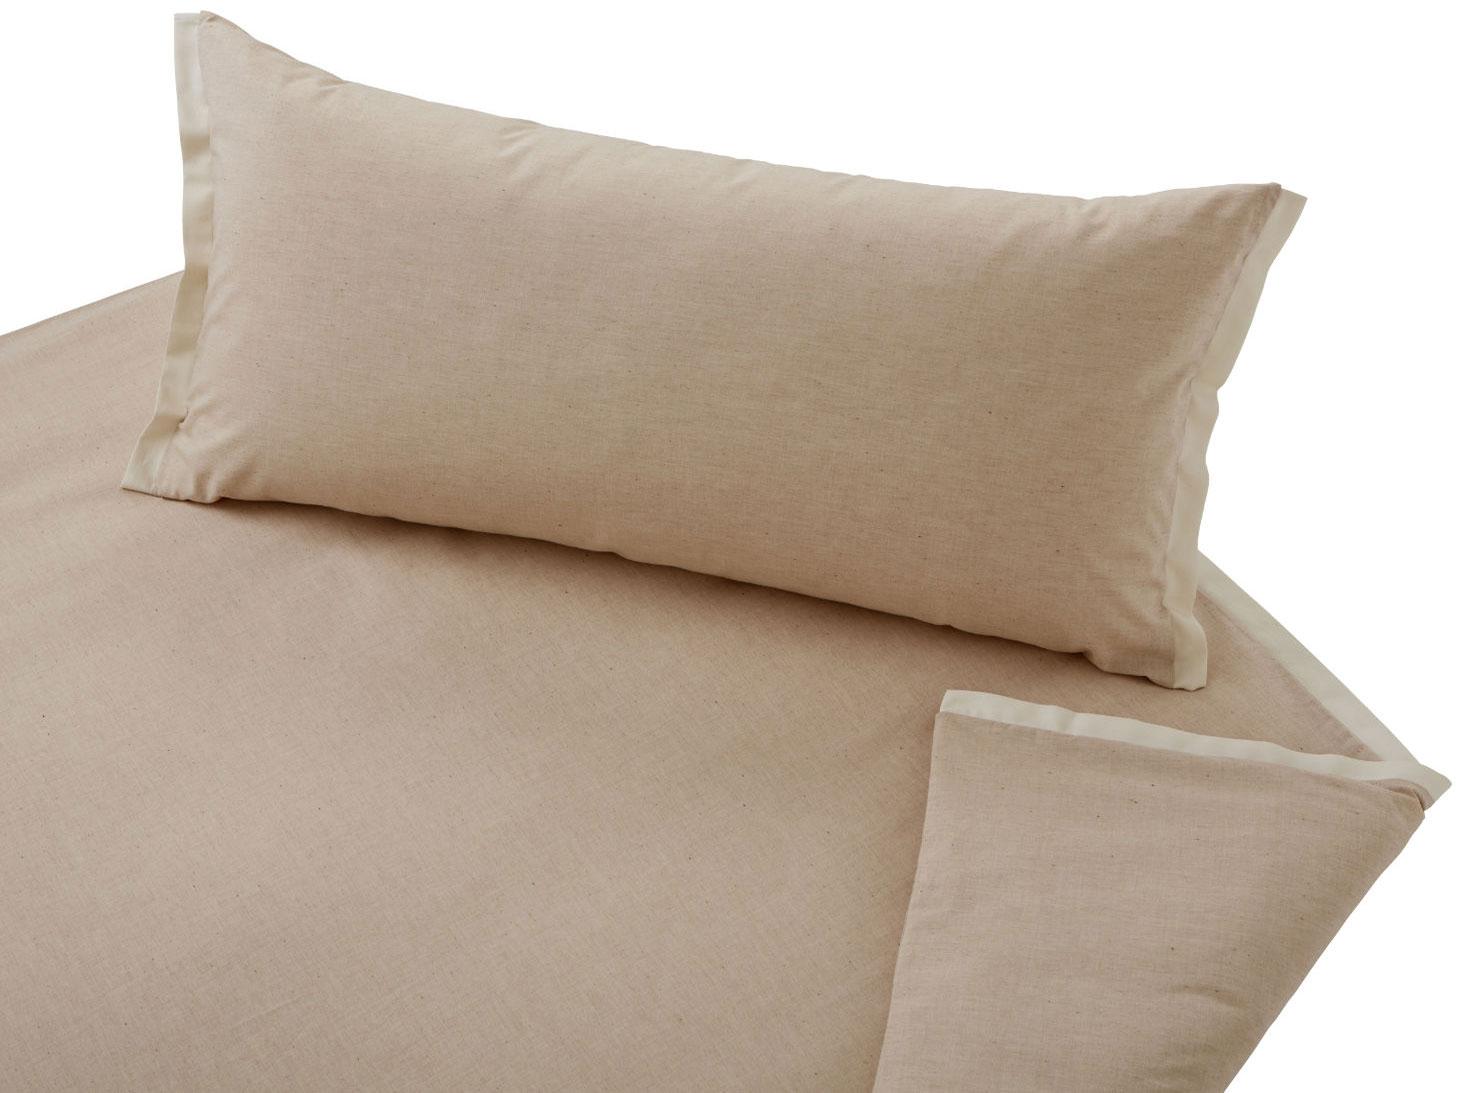 Bettwäsche Pur von Cotonea mit Stehsäumen am Bettbezug und Kissenbezug